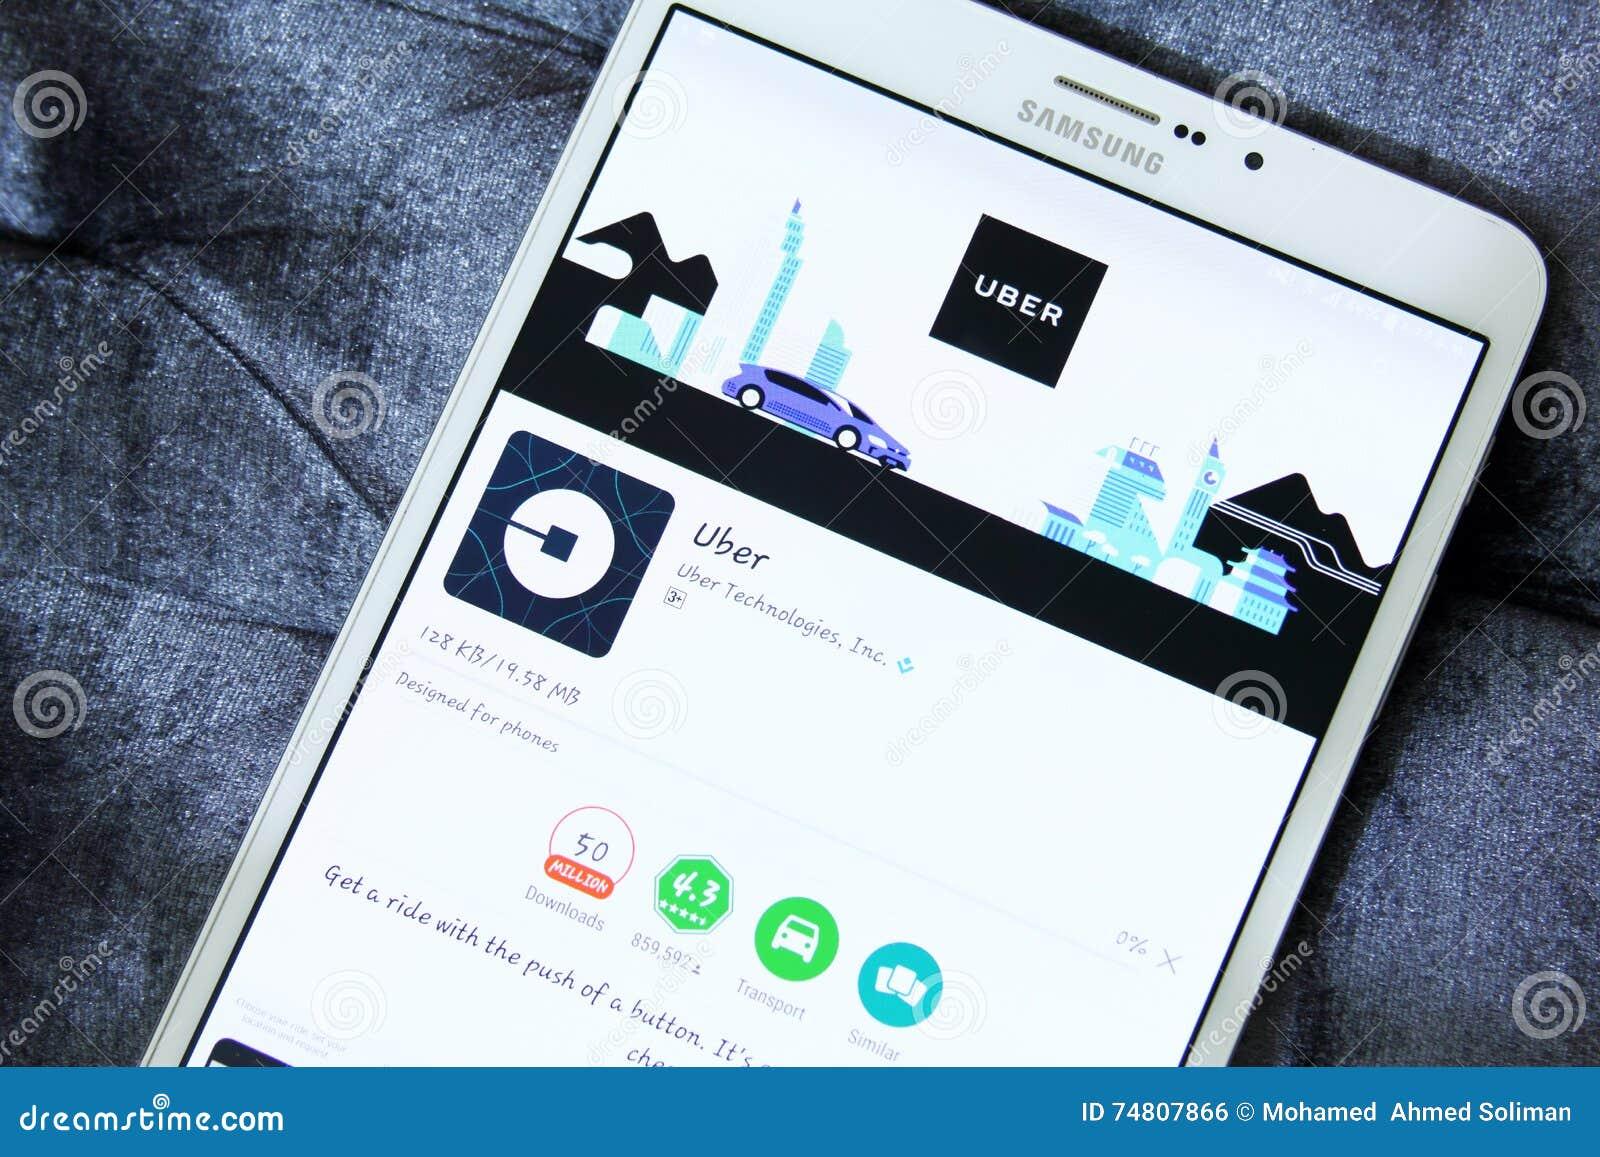 Táxi App De Uber No Jogo De Google Foto Editorial - Imagem